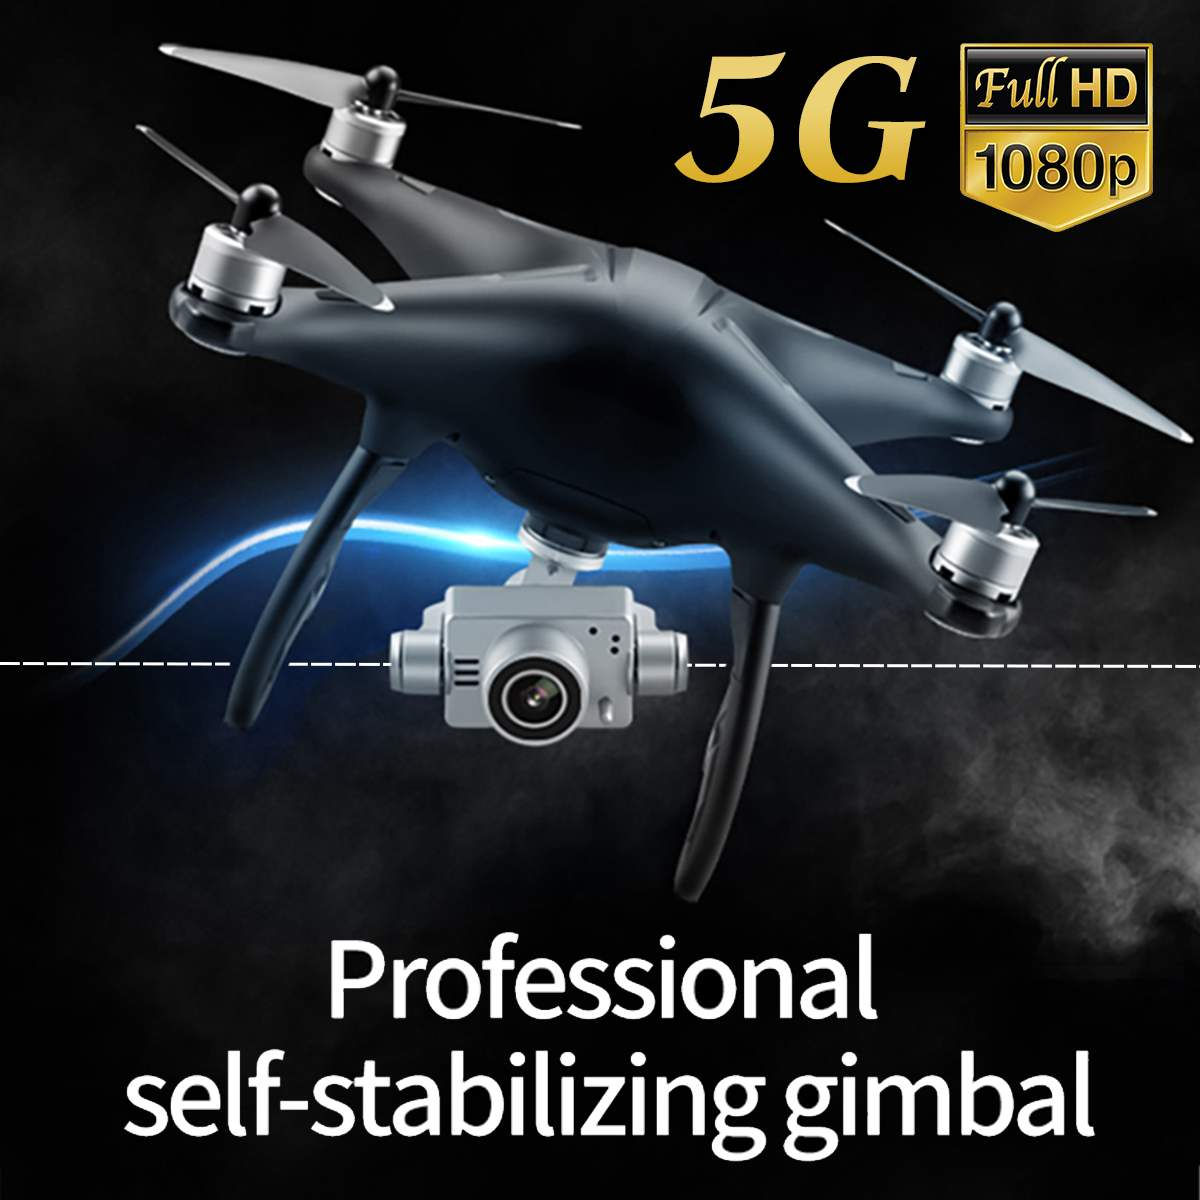 Q3 GPS 5G WIFI FPV avec 1080 P caméra claire sans brosse GPS RC Drone quadrirotor Drones avec longue durée de vol Mini Drone